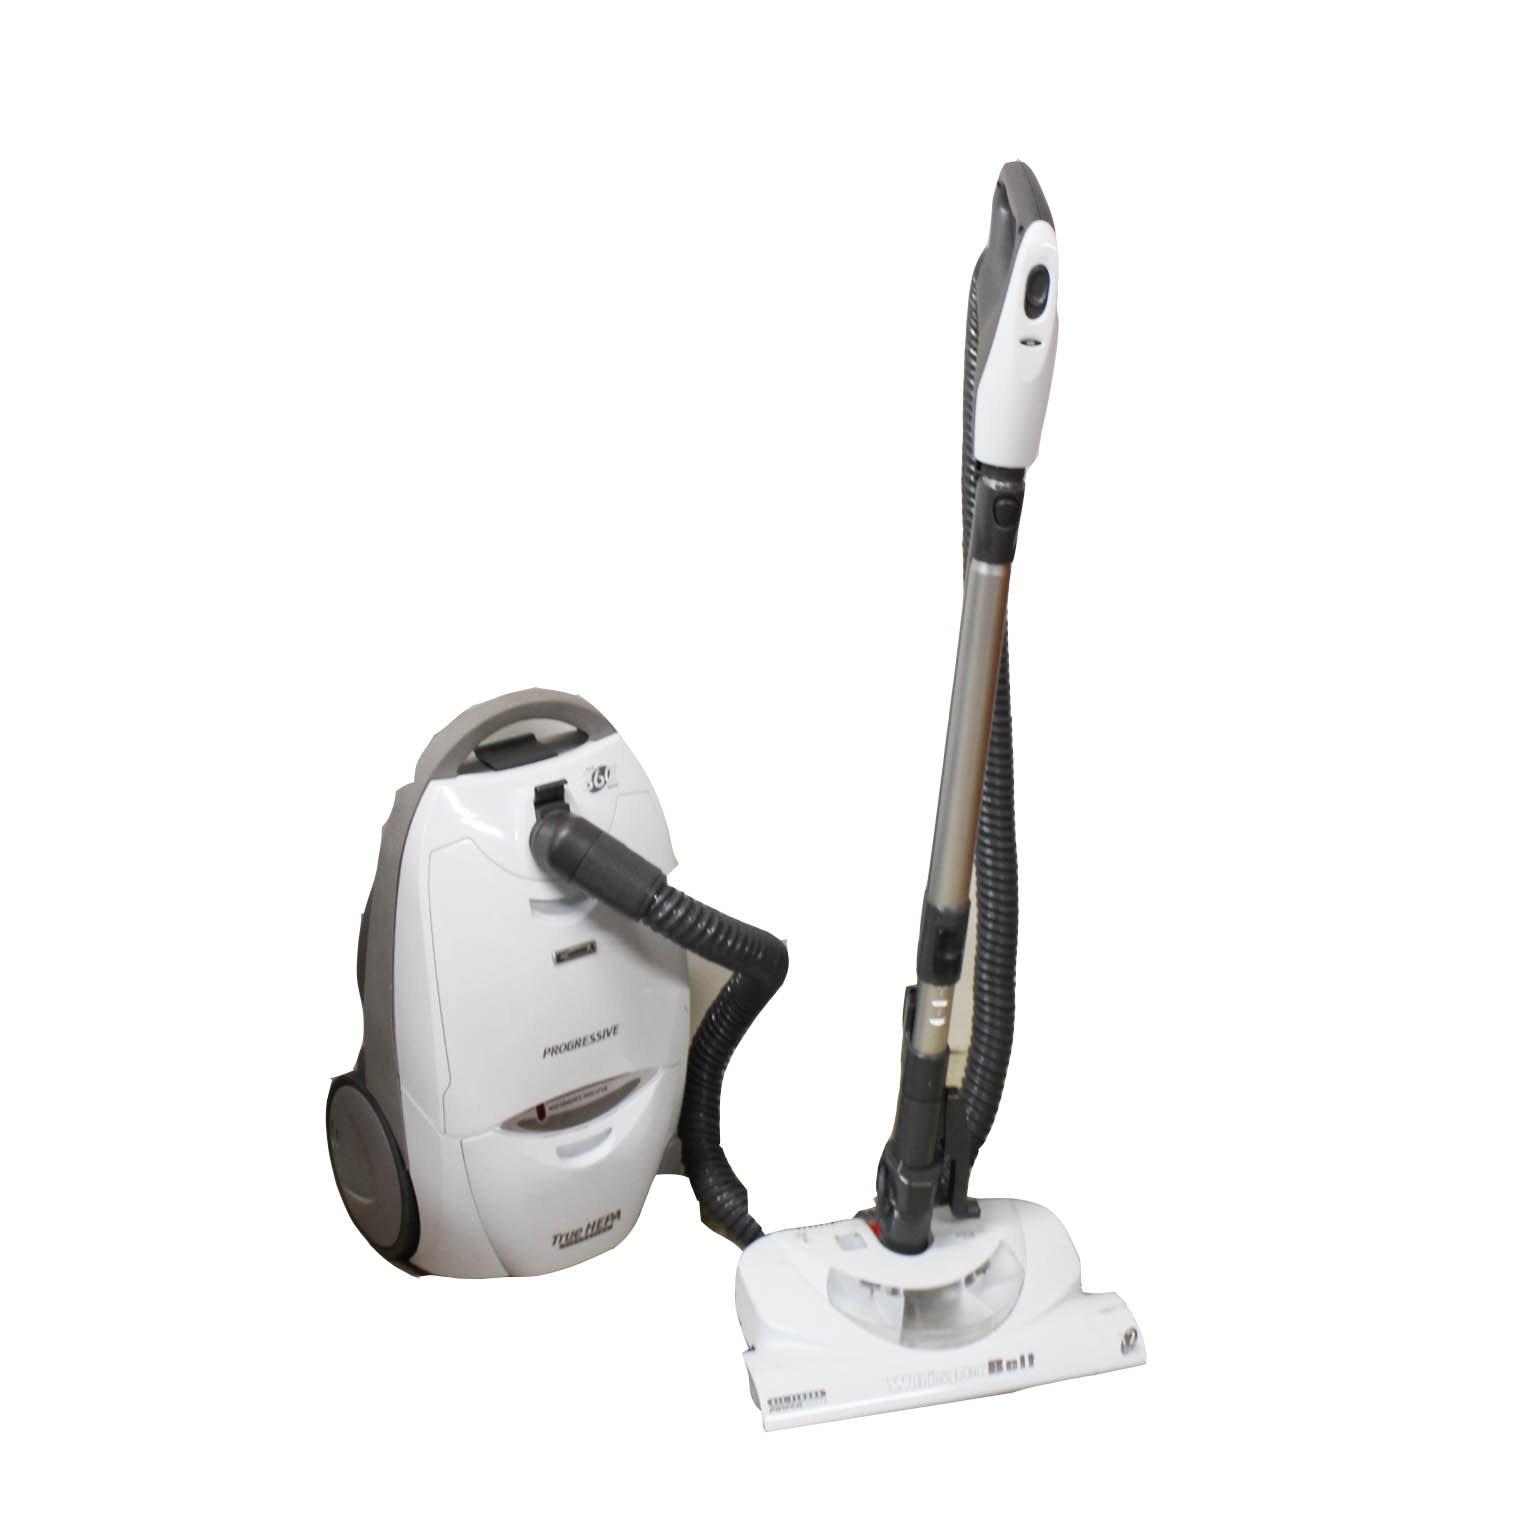 Powermate All Floors Vacuum Cleaner